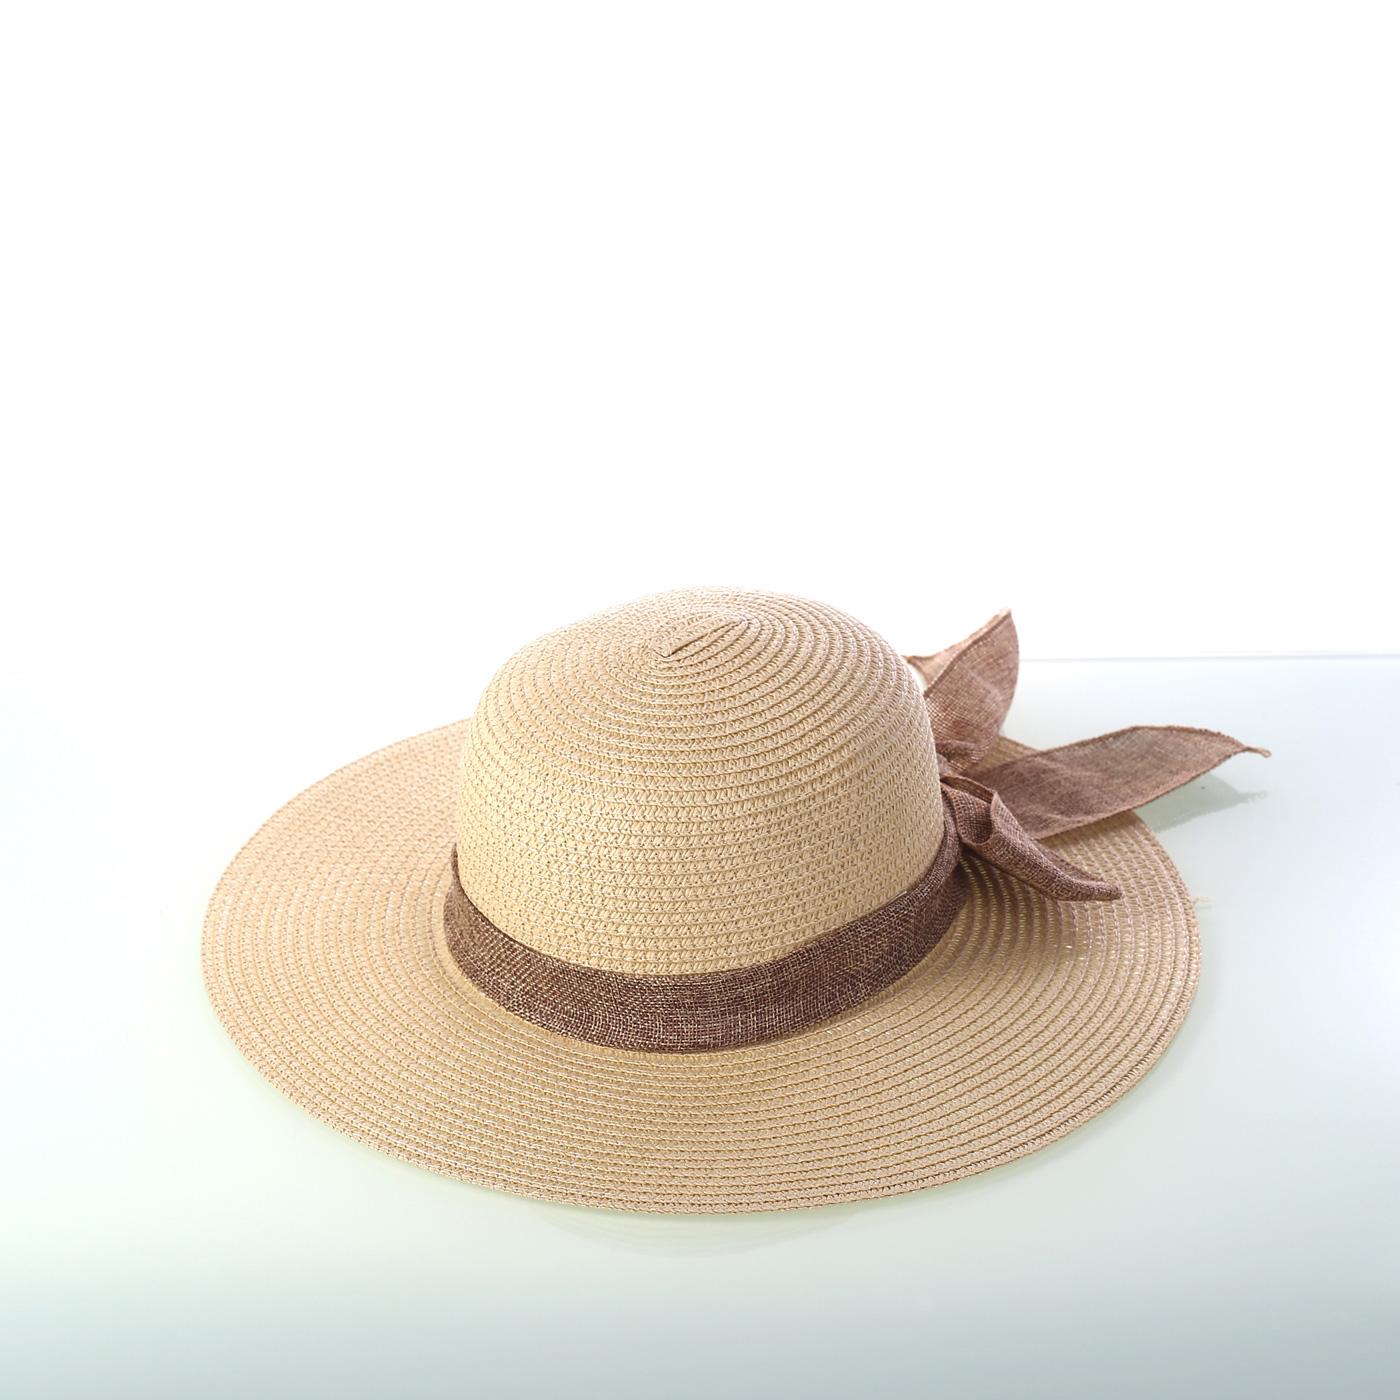 e5f0a7af0 Dámsky klobúk z rafie so šatkou Kbas KB019808